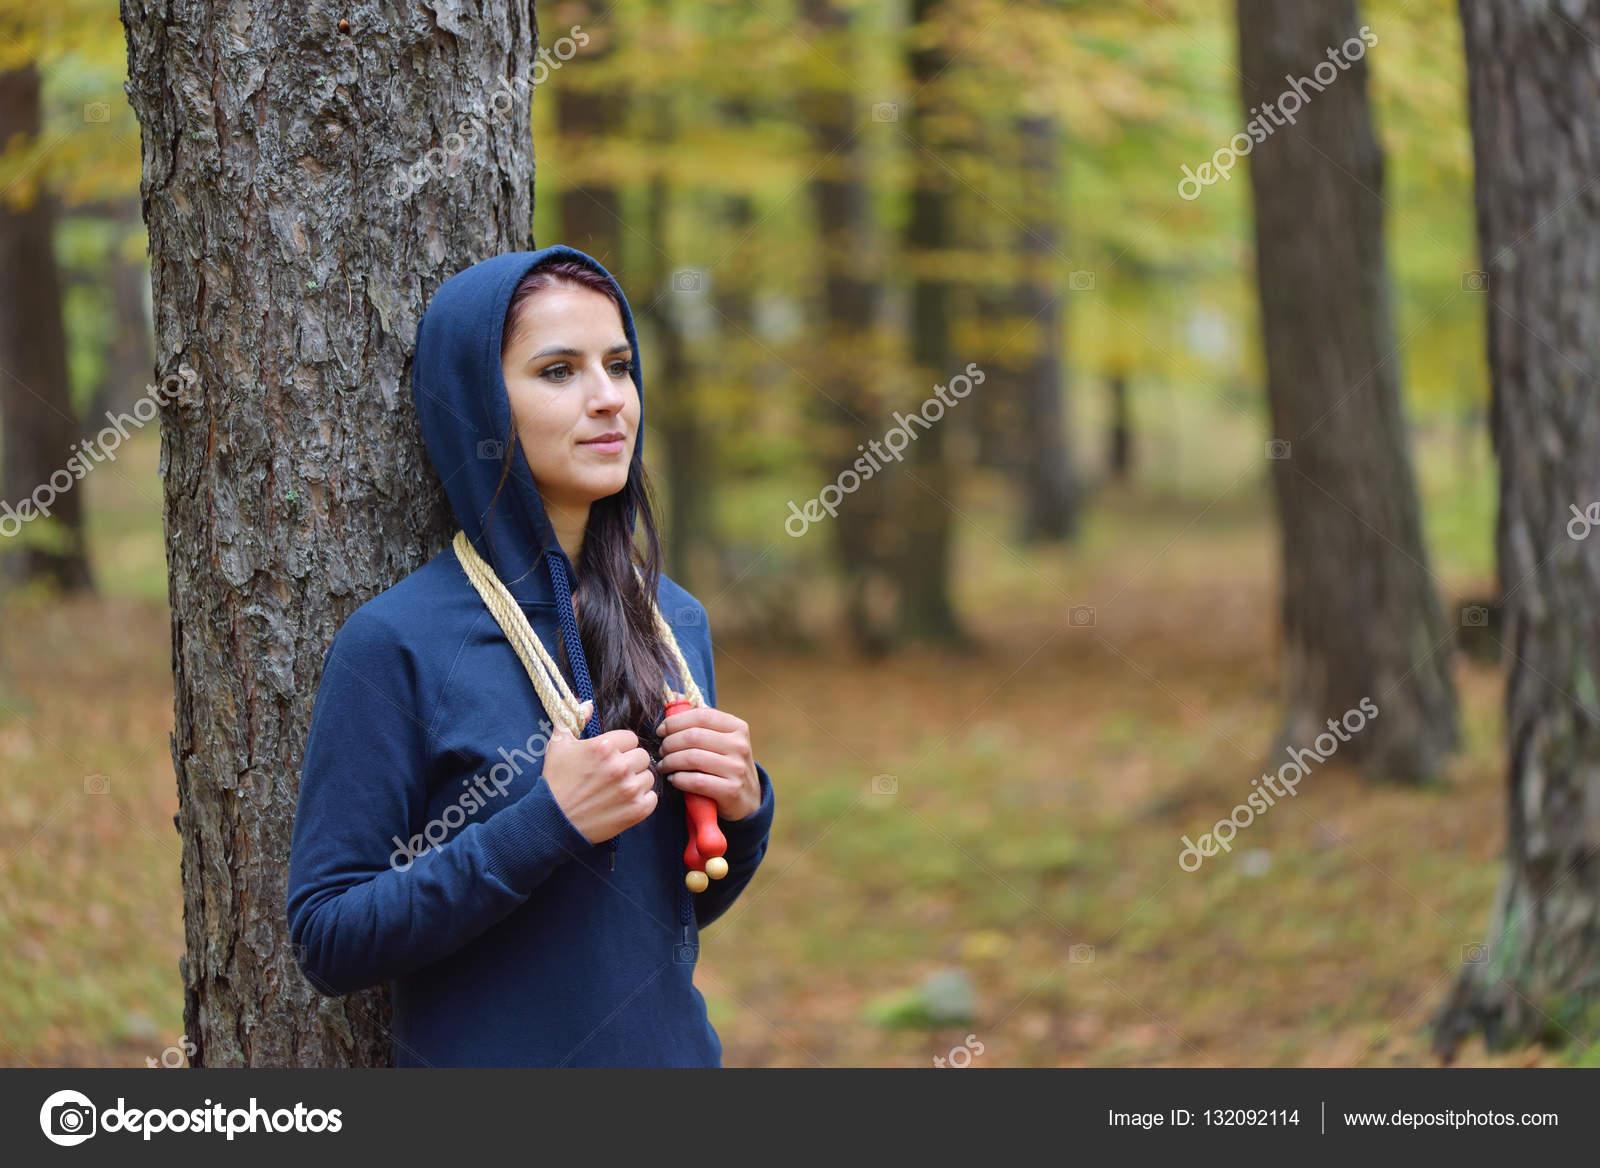 Retrato de mujer joven fit con saltar la cuerda en un parque contra colores  otoñales — 19e8ec91f0f